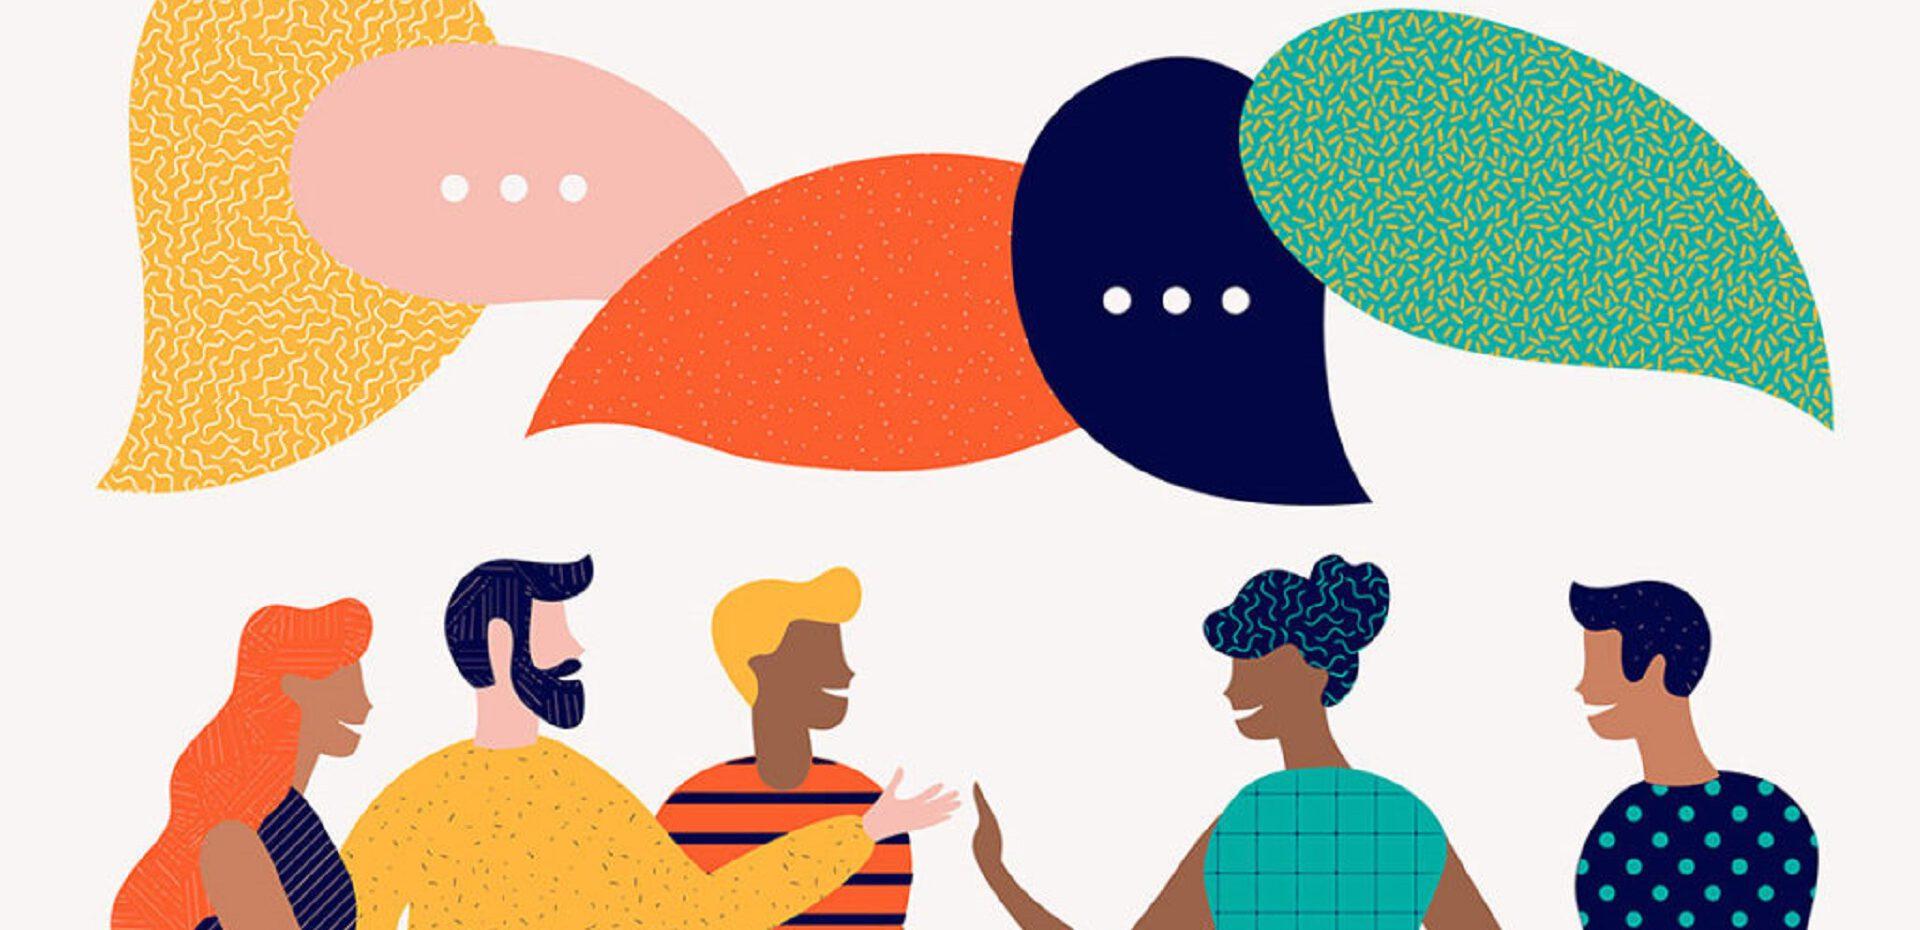 15 جمله آغازگر مکالمه در فضای مجازی